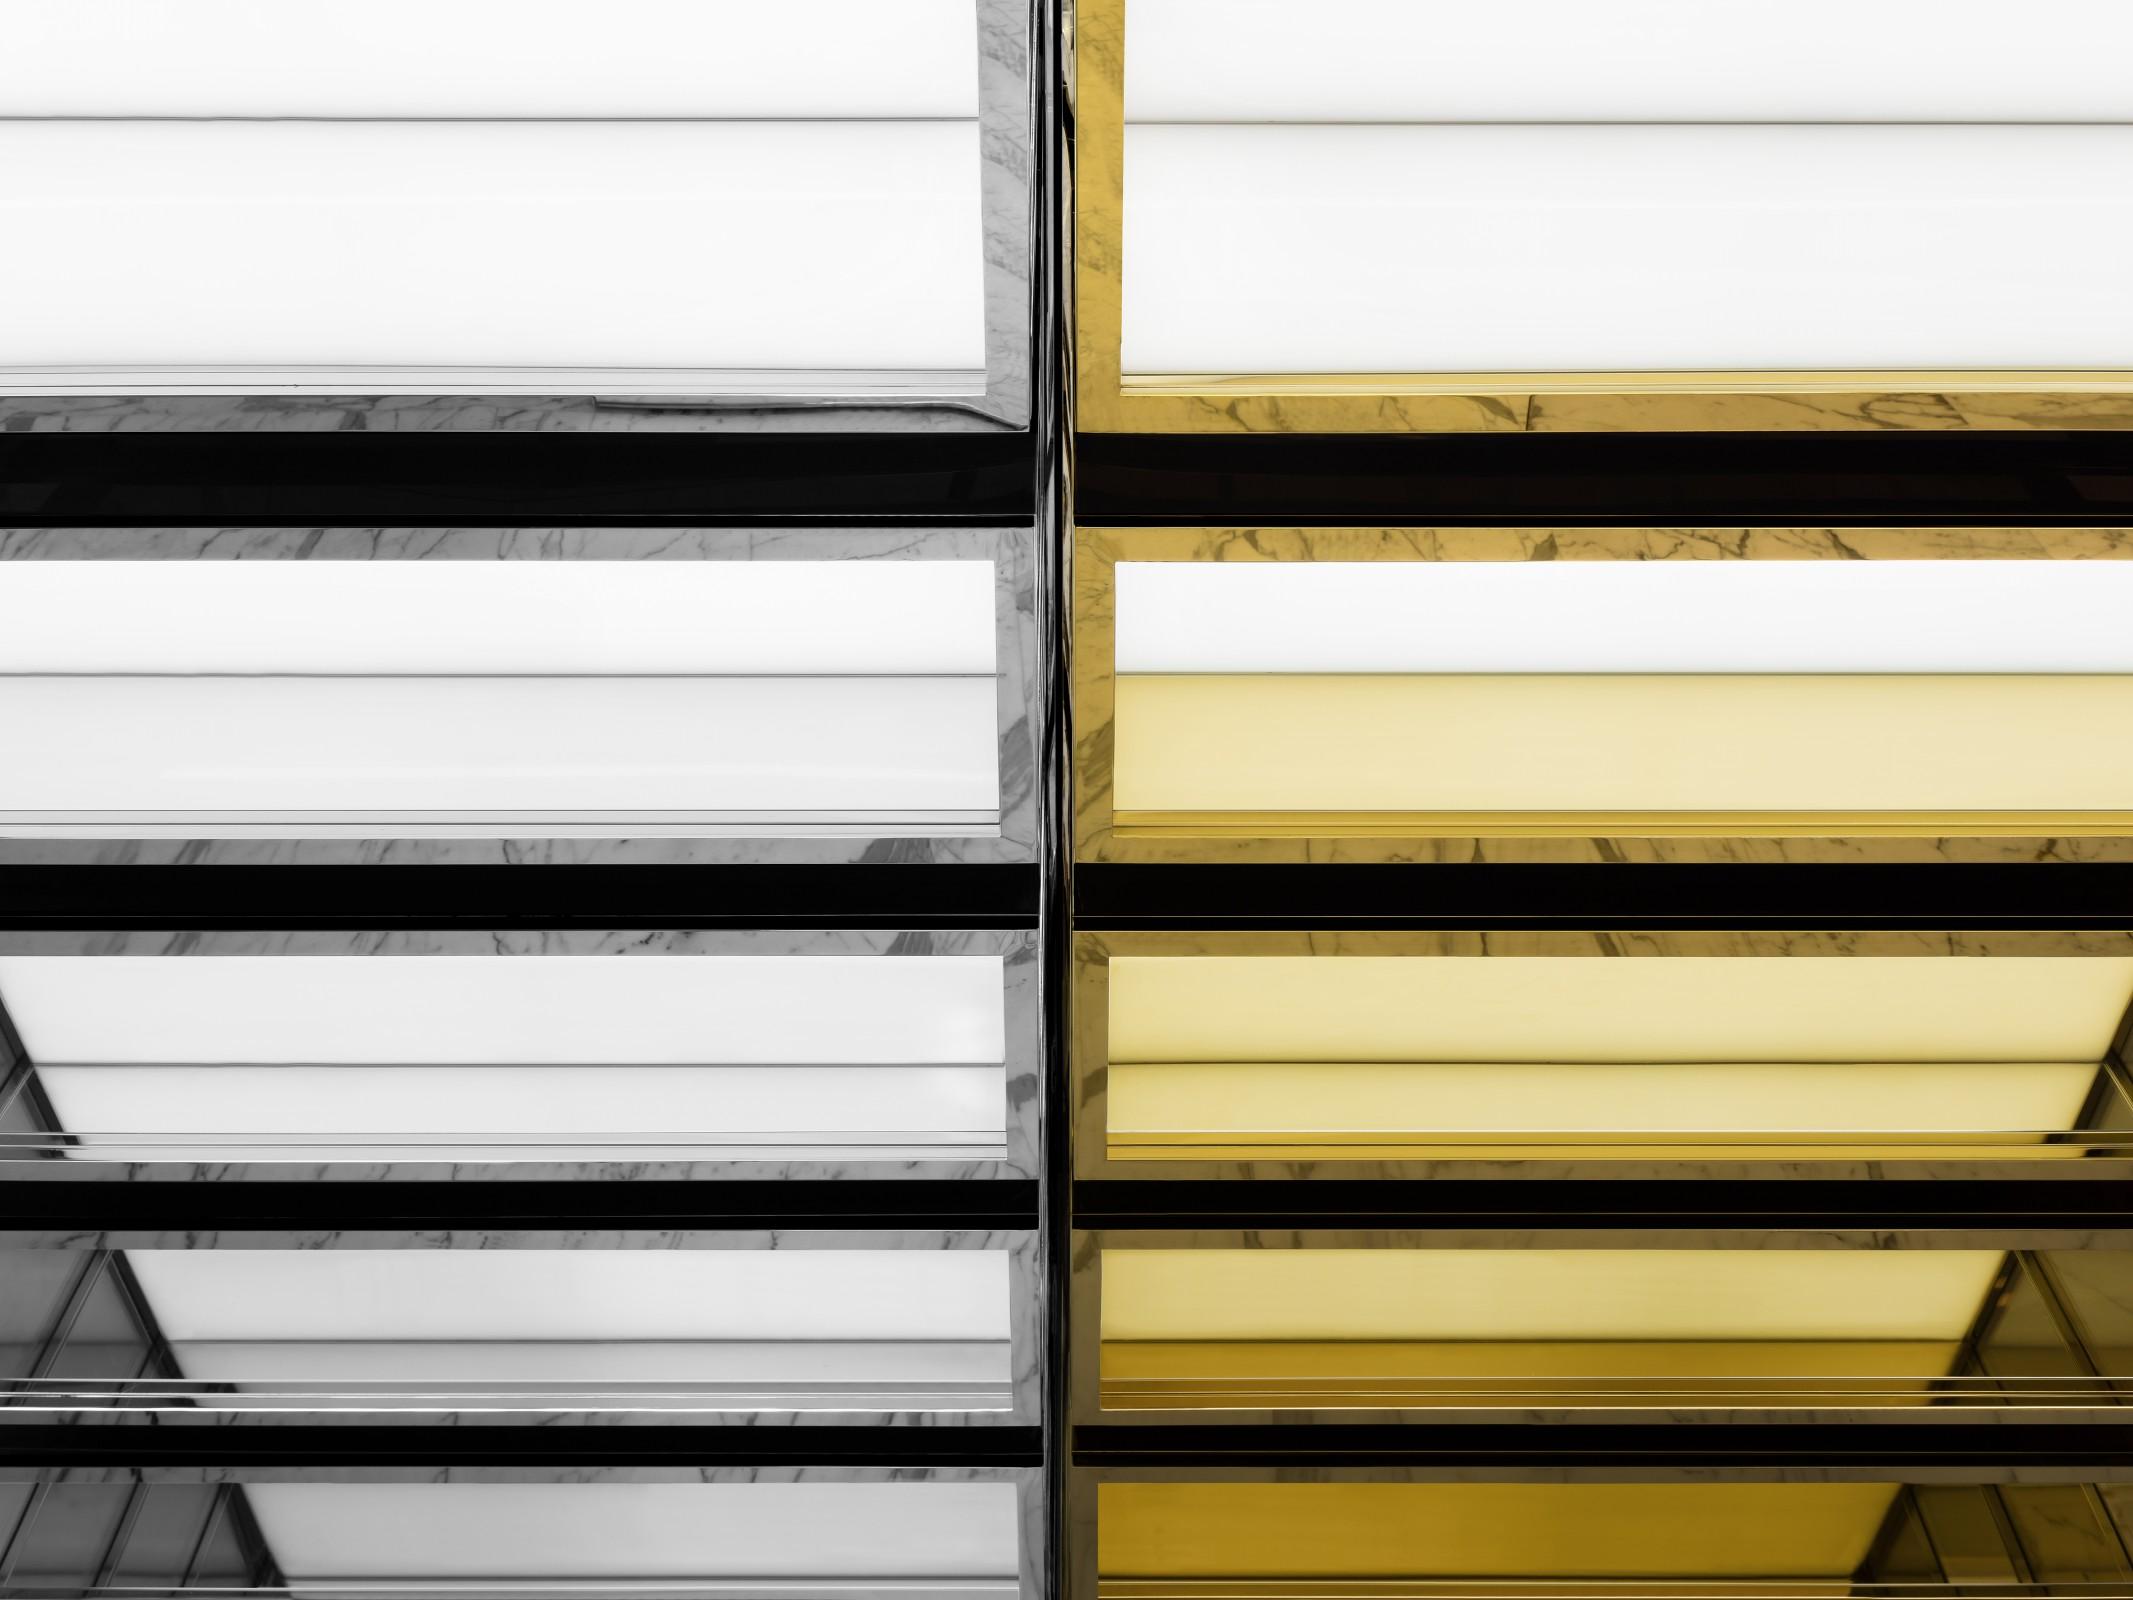 30da69b692ce6 Hedi Slimane s conceptual design for Saint Laurent store